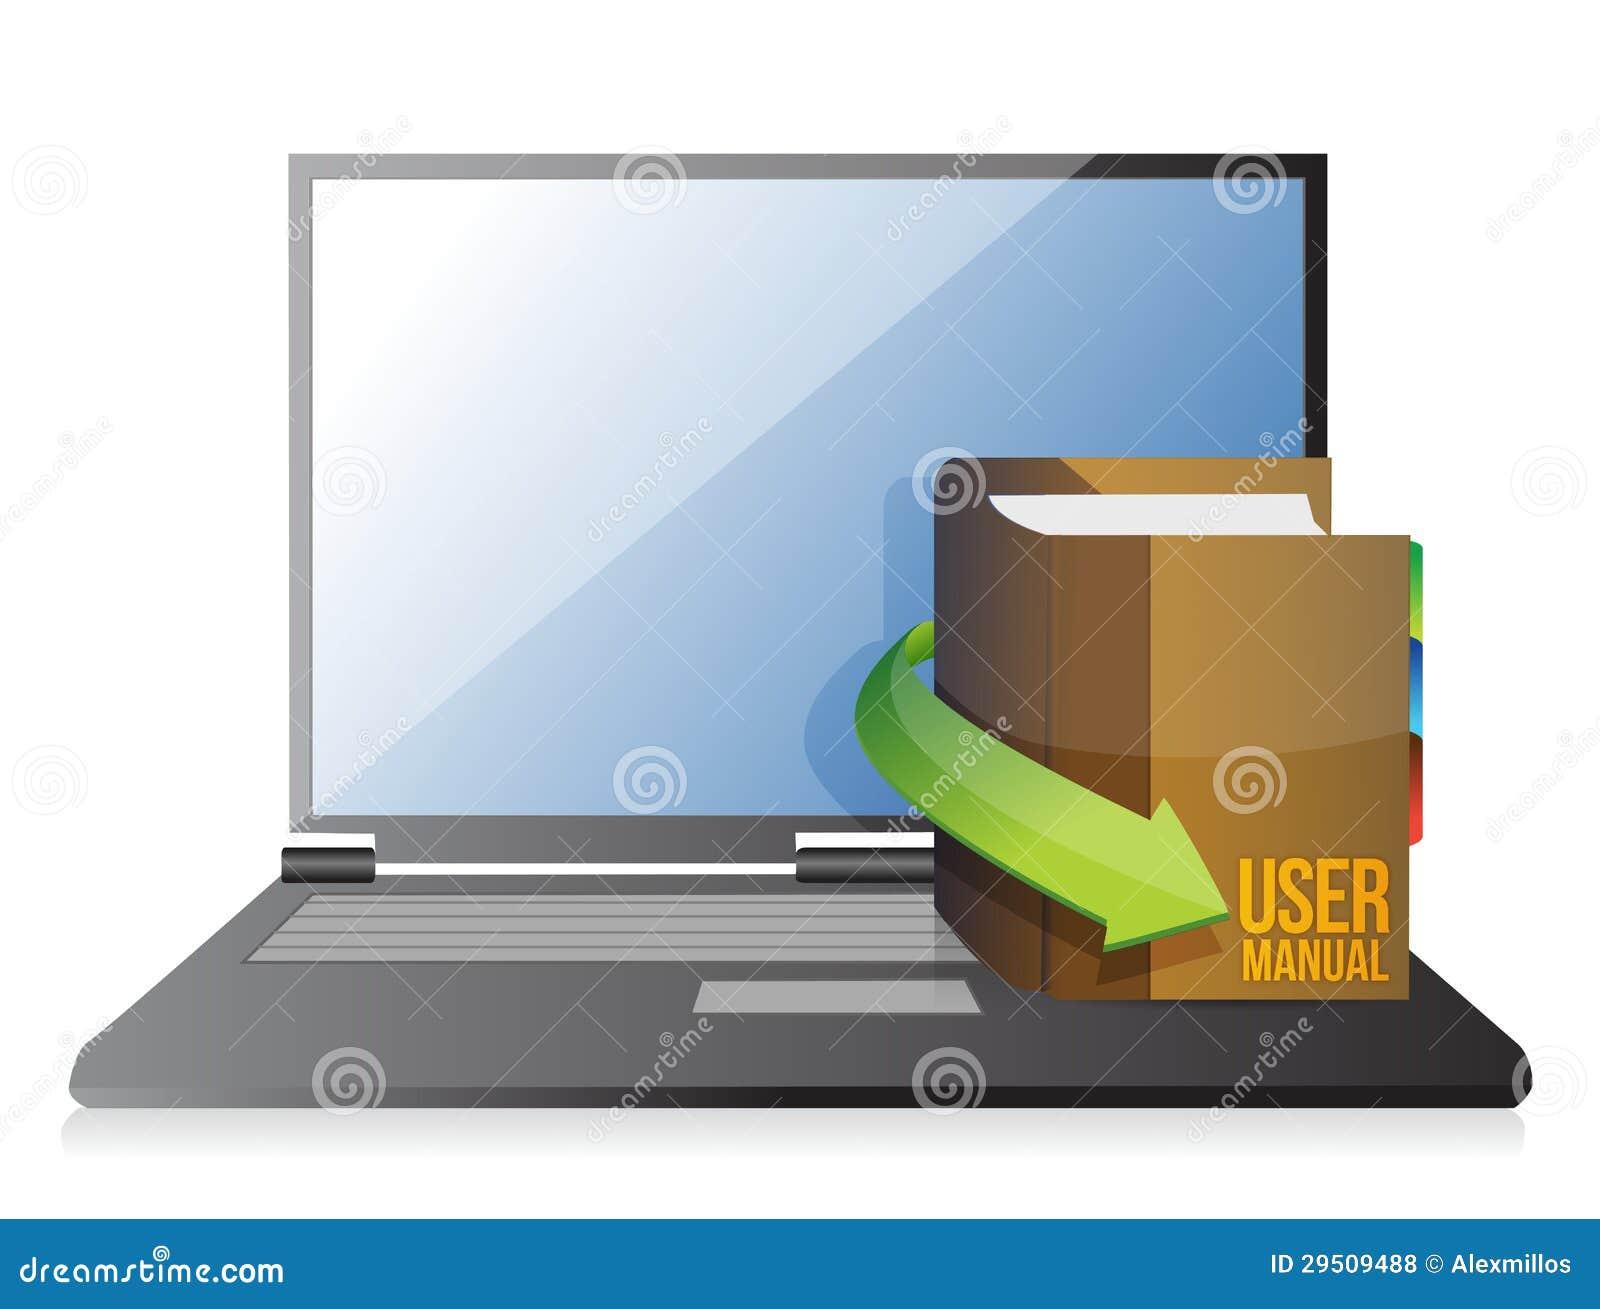 Online Gebruikershandleiding, gebruikershandleidingboek